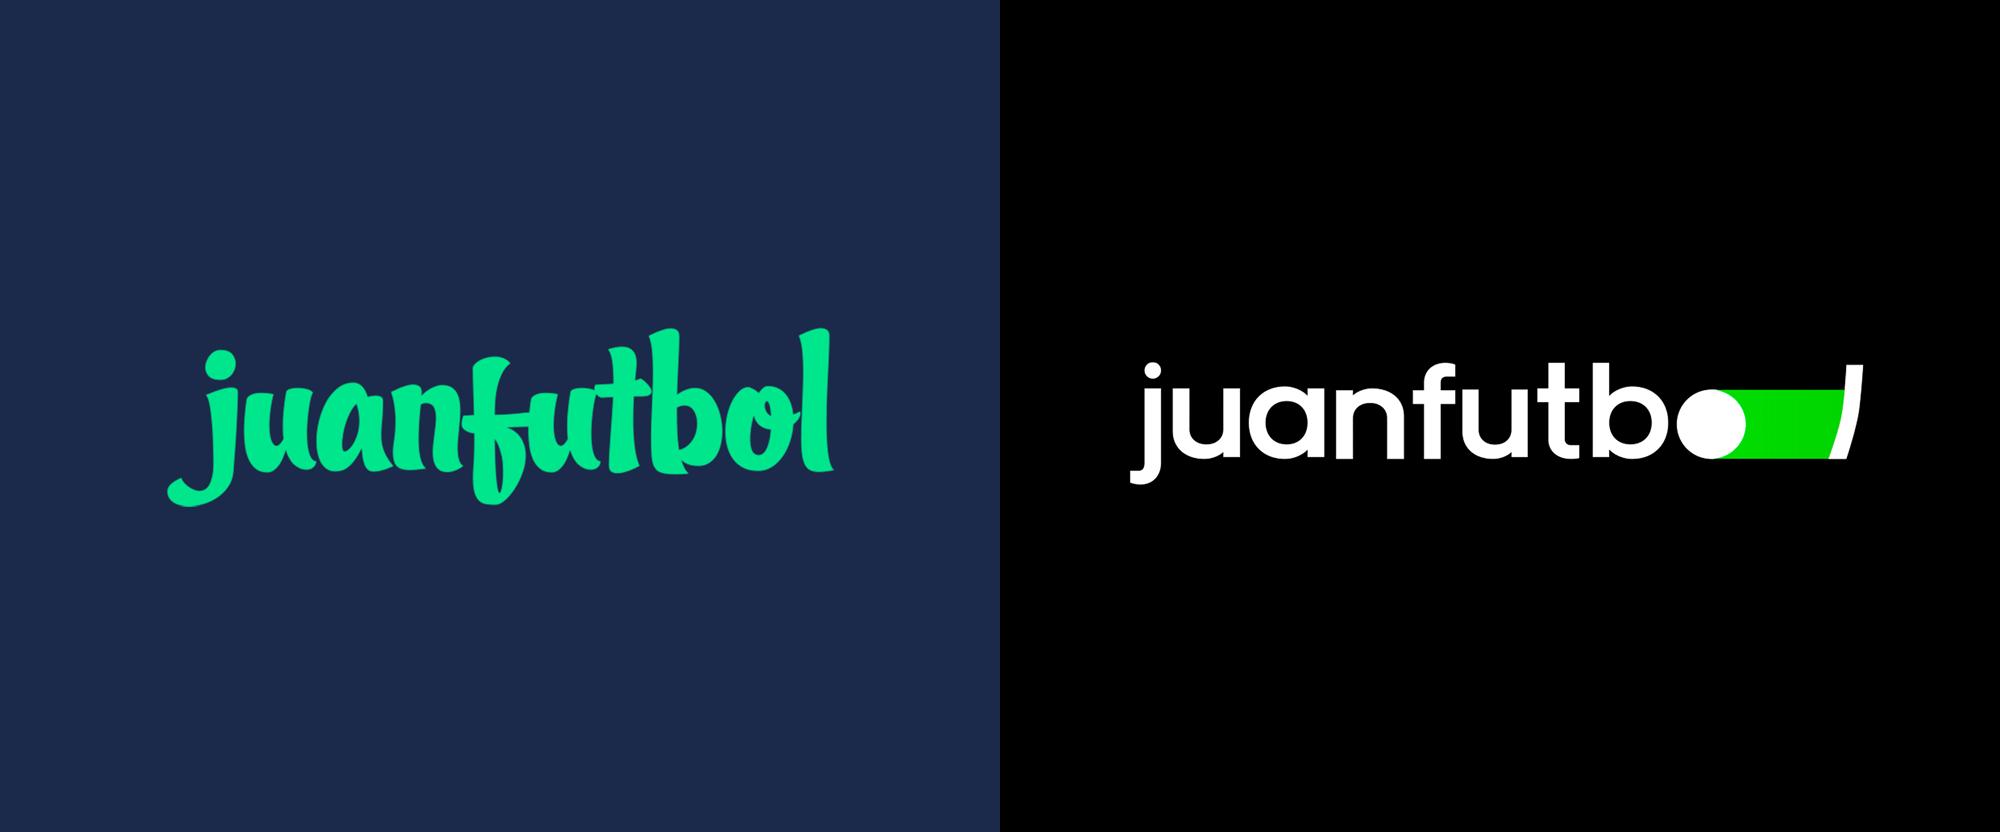 New Logo for juanfutbol done In-house